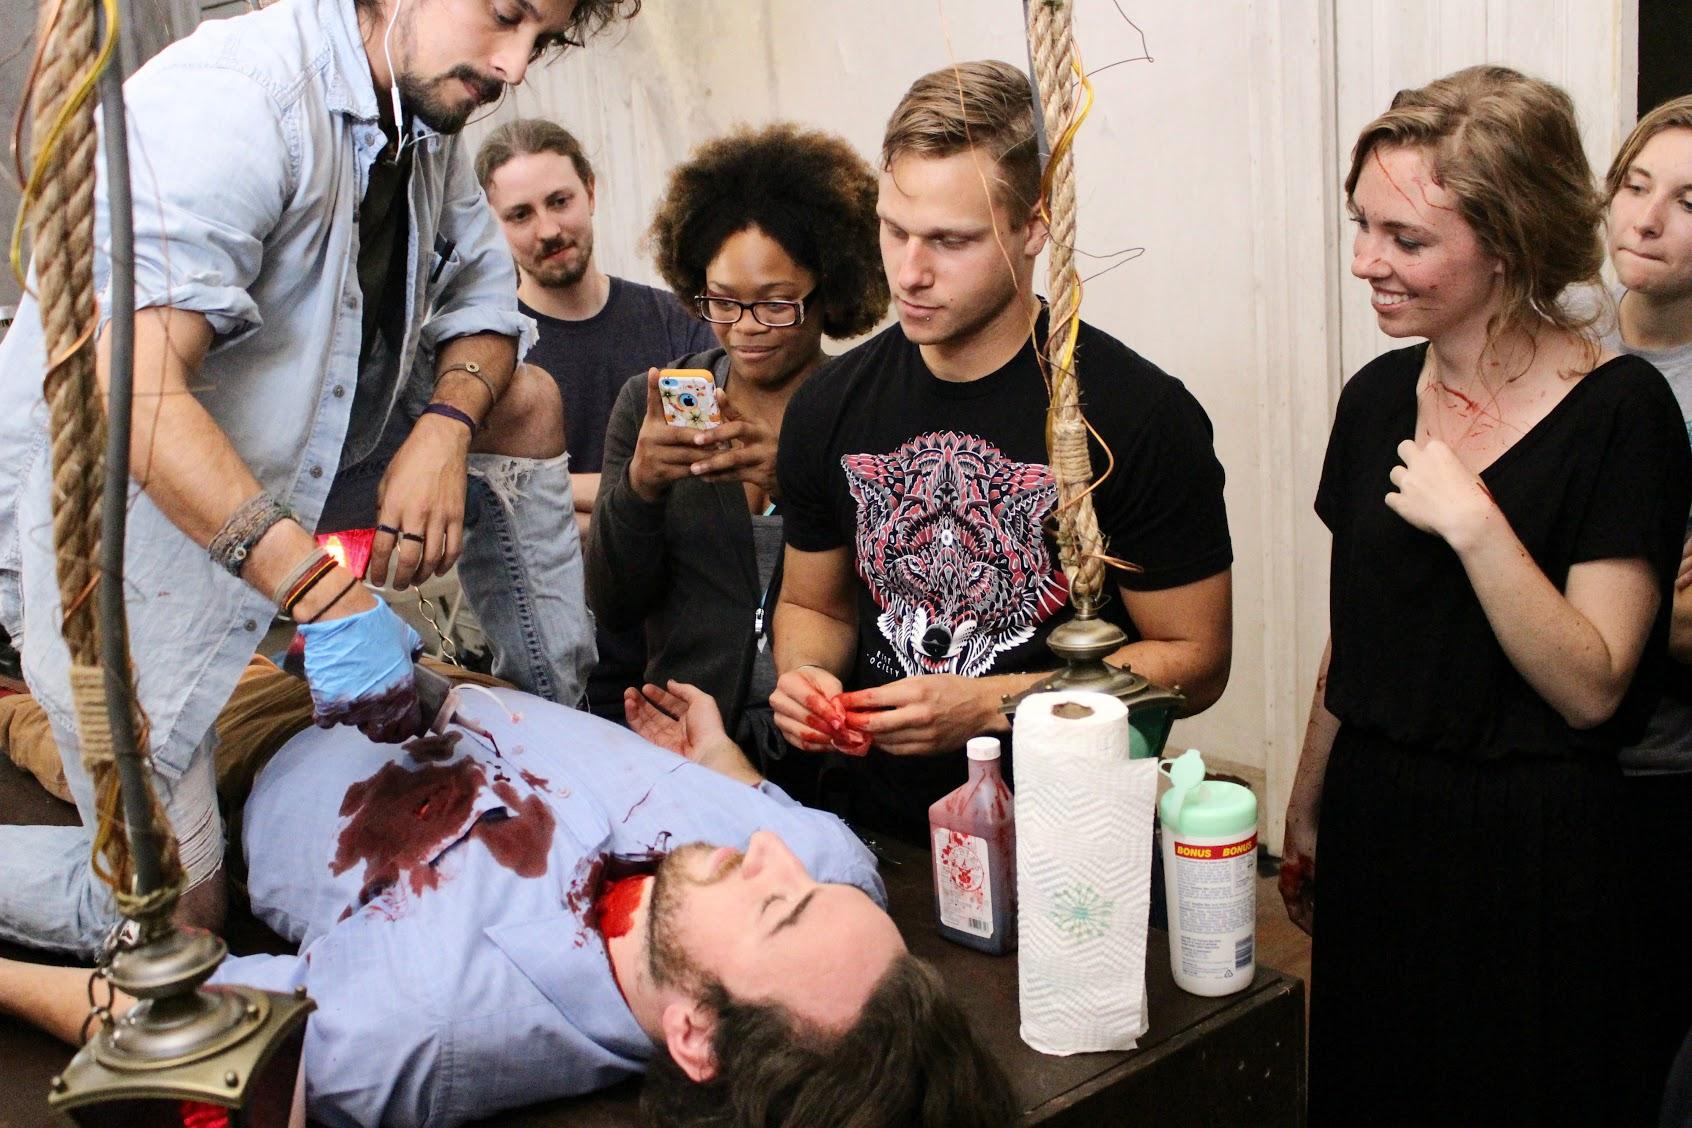 Jac K, Taylor W, Ben R, & Bridget M